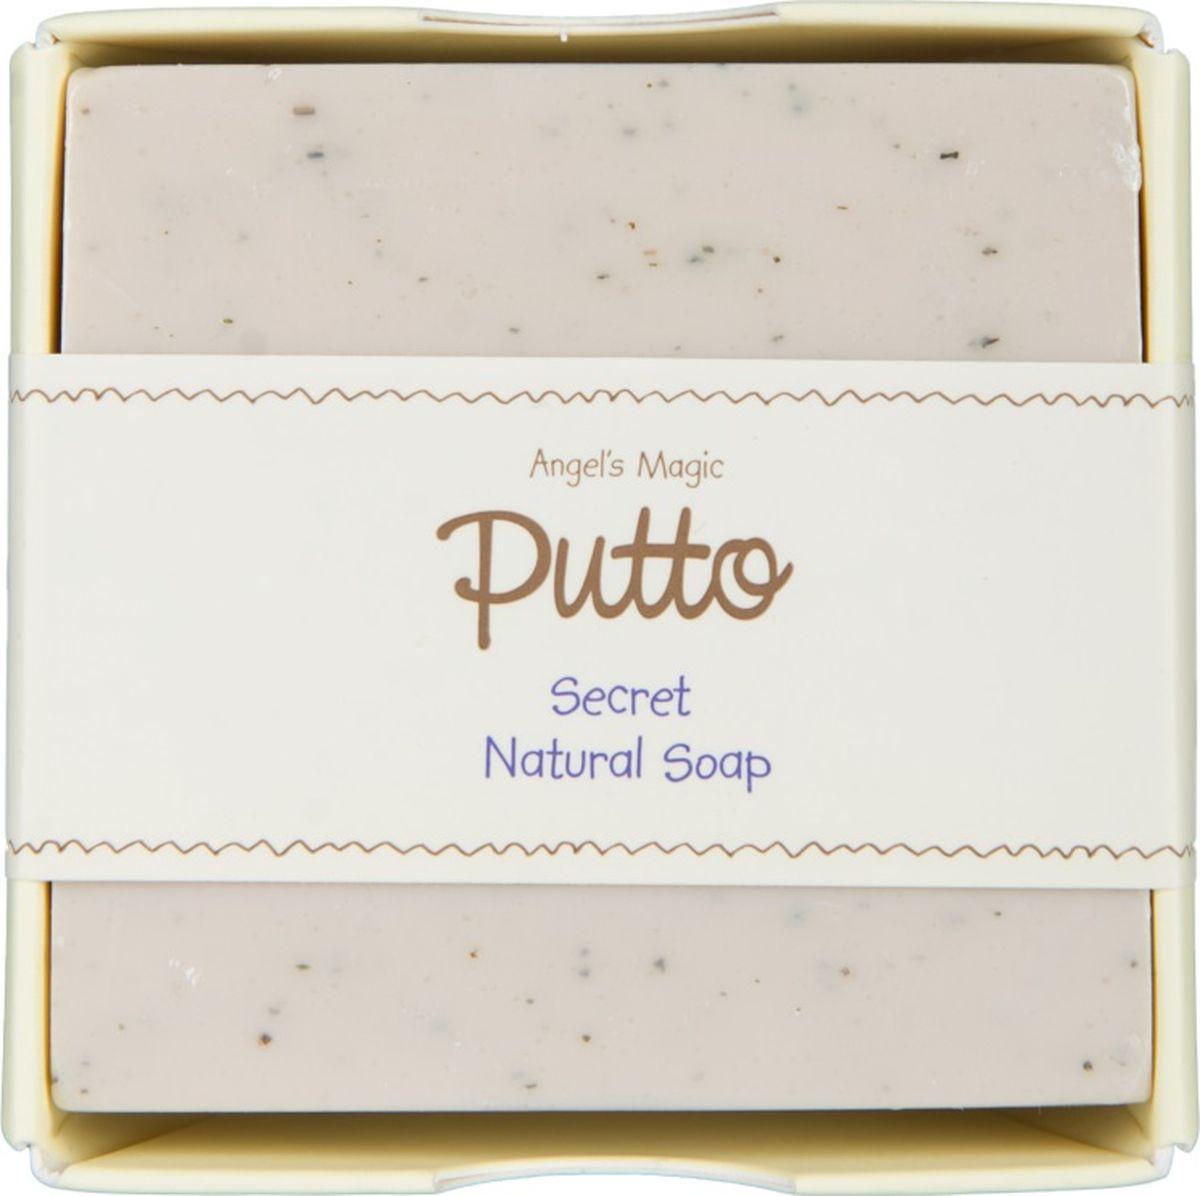 Putto Secret Мыло детское с натуральными экстрактами 100 г77D088101Питательное детское мыло Putto Secret с нежным приятным ароматом на основе 100% натурального кокосового масла. Бережно очищает кожу ребенка.Тройной магический эффект церамида обеспечивается за счет содержания уникального компонента NHEB-05 (запатентованная формула для чувствительной кожи), церамида и природного увлажняющего компонента бета-глюкан, которые создают мощную надежную защиту кожи, увлажняют , смягчают кожу , препятствуют сухости кожных покровов , предотвращают зуд. Содержит компонент, способствующий заживлению кожных рубцов.Натуральное мыло для детей обладает прекрасным ранозаживляющим свойством.Моментальное устранение дискомфорта за счет увлажнения и натуральных успокаивающих компонентов.Мыло для детей содержит натуральные масла - масло чайного дерева, масло виноградных косточек, масло жожоба, масло ромашки, а также сквалеи и экстракт Алоэ Вера, которые известны своими целебными свойствами.Экстракты таких лекарственных трав как экстракт хауттюйнии сердцевидной, экстракт азиатского подорожника, экстракт будры плющевидной, экстракт вяза, экстракт шелковицы оказывают успокаивающее действие для сухой, чувствительной кожи, устраняют зуд, а также увлажняют и питают детскую чувствительную кожу.Компоненты входящие в состав натурального мыла:Церамиды - важнейший липидный компонент клеточной мембраны. Являются мощным защитным барьером для кожи, восстанавливают липиды кожи. В наибольшей степени церамиды предотвращают потерю влаги предотвращают сухость и шелушение.Бета-глюкан - природный компонент, который обеспечивает обильное увлажнение.Масло чайного дерева обладает сильным бактерицидным и противовоспалительным действием.Масло виноградных косточек содержит очень много полиненасыщенной линолевой кислоты класса Омега-6 (от 50% до 80%) и мононенасыщенной олеиновой кислоты класса Омега-9. Также содержат много флавоноидов, в том числе проантоцианиды, которые увеличивают содержание витамина С внутри клет